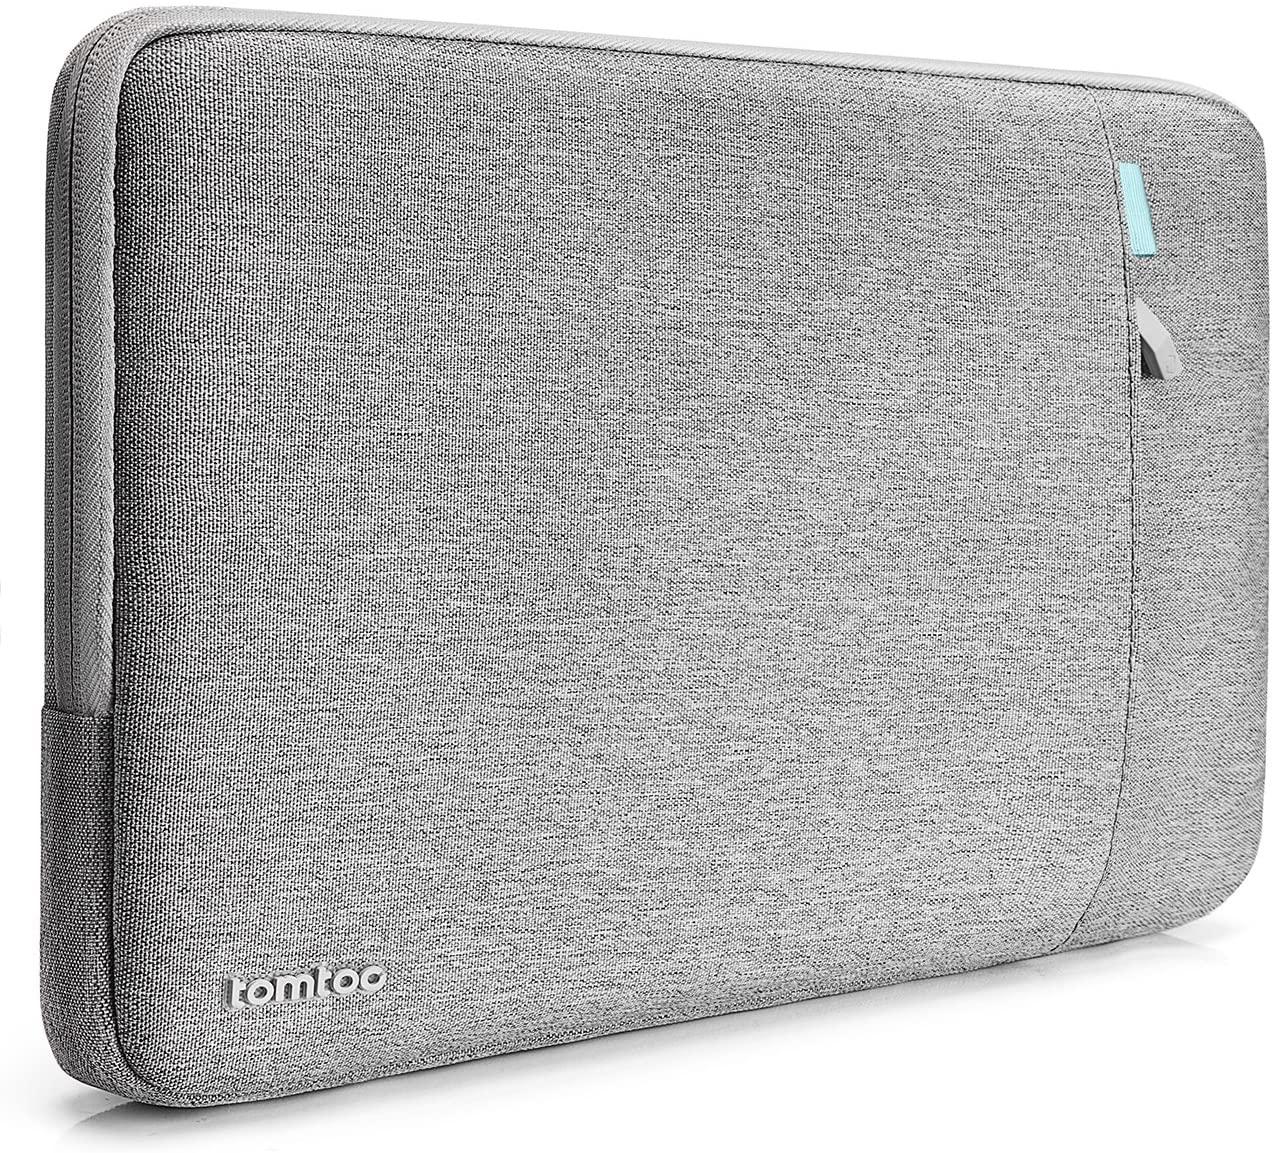 로고 Shockproof 유출 방지 360 노트북 슬리브 12 인치 Retina 디스플레이 A1534 노트북